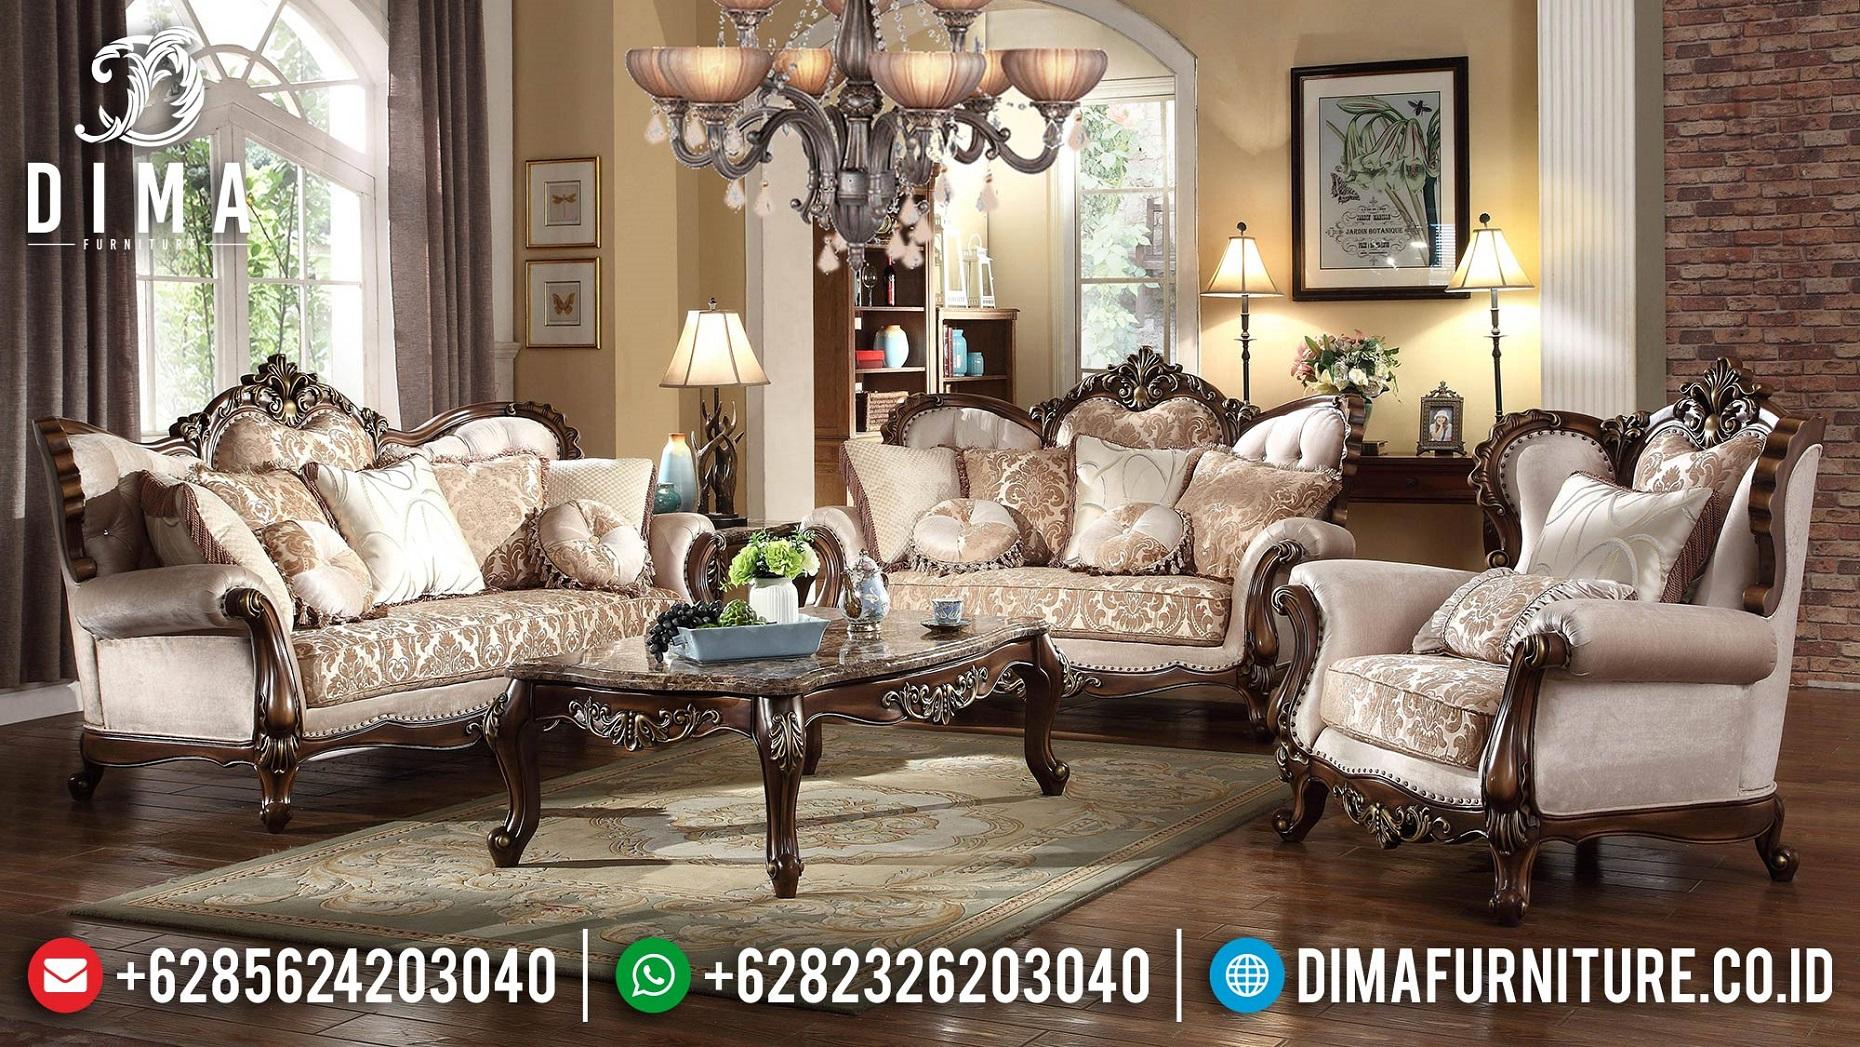 New Set Sofa Tamu Mewah Terbaru Luxury Classic Carving BT-1002